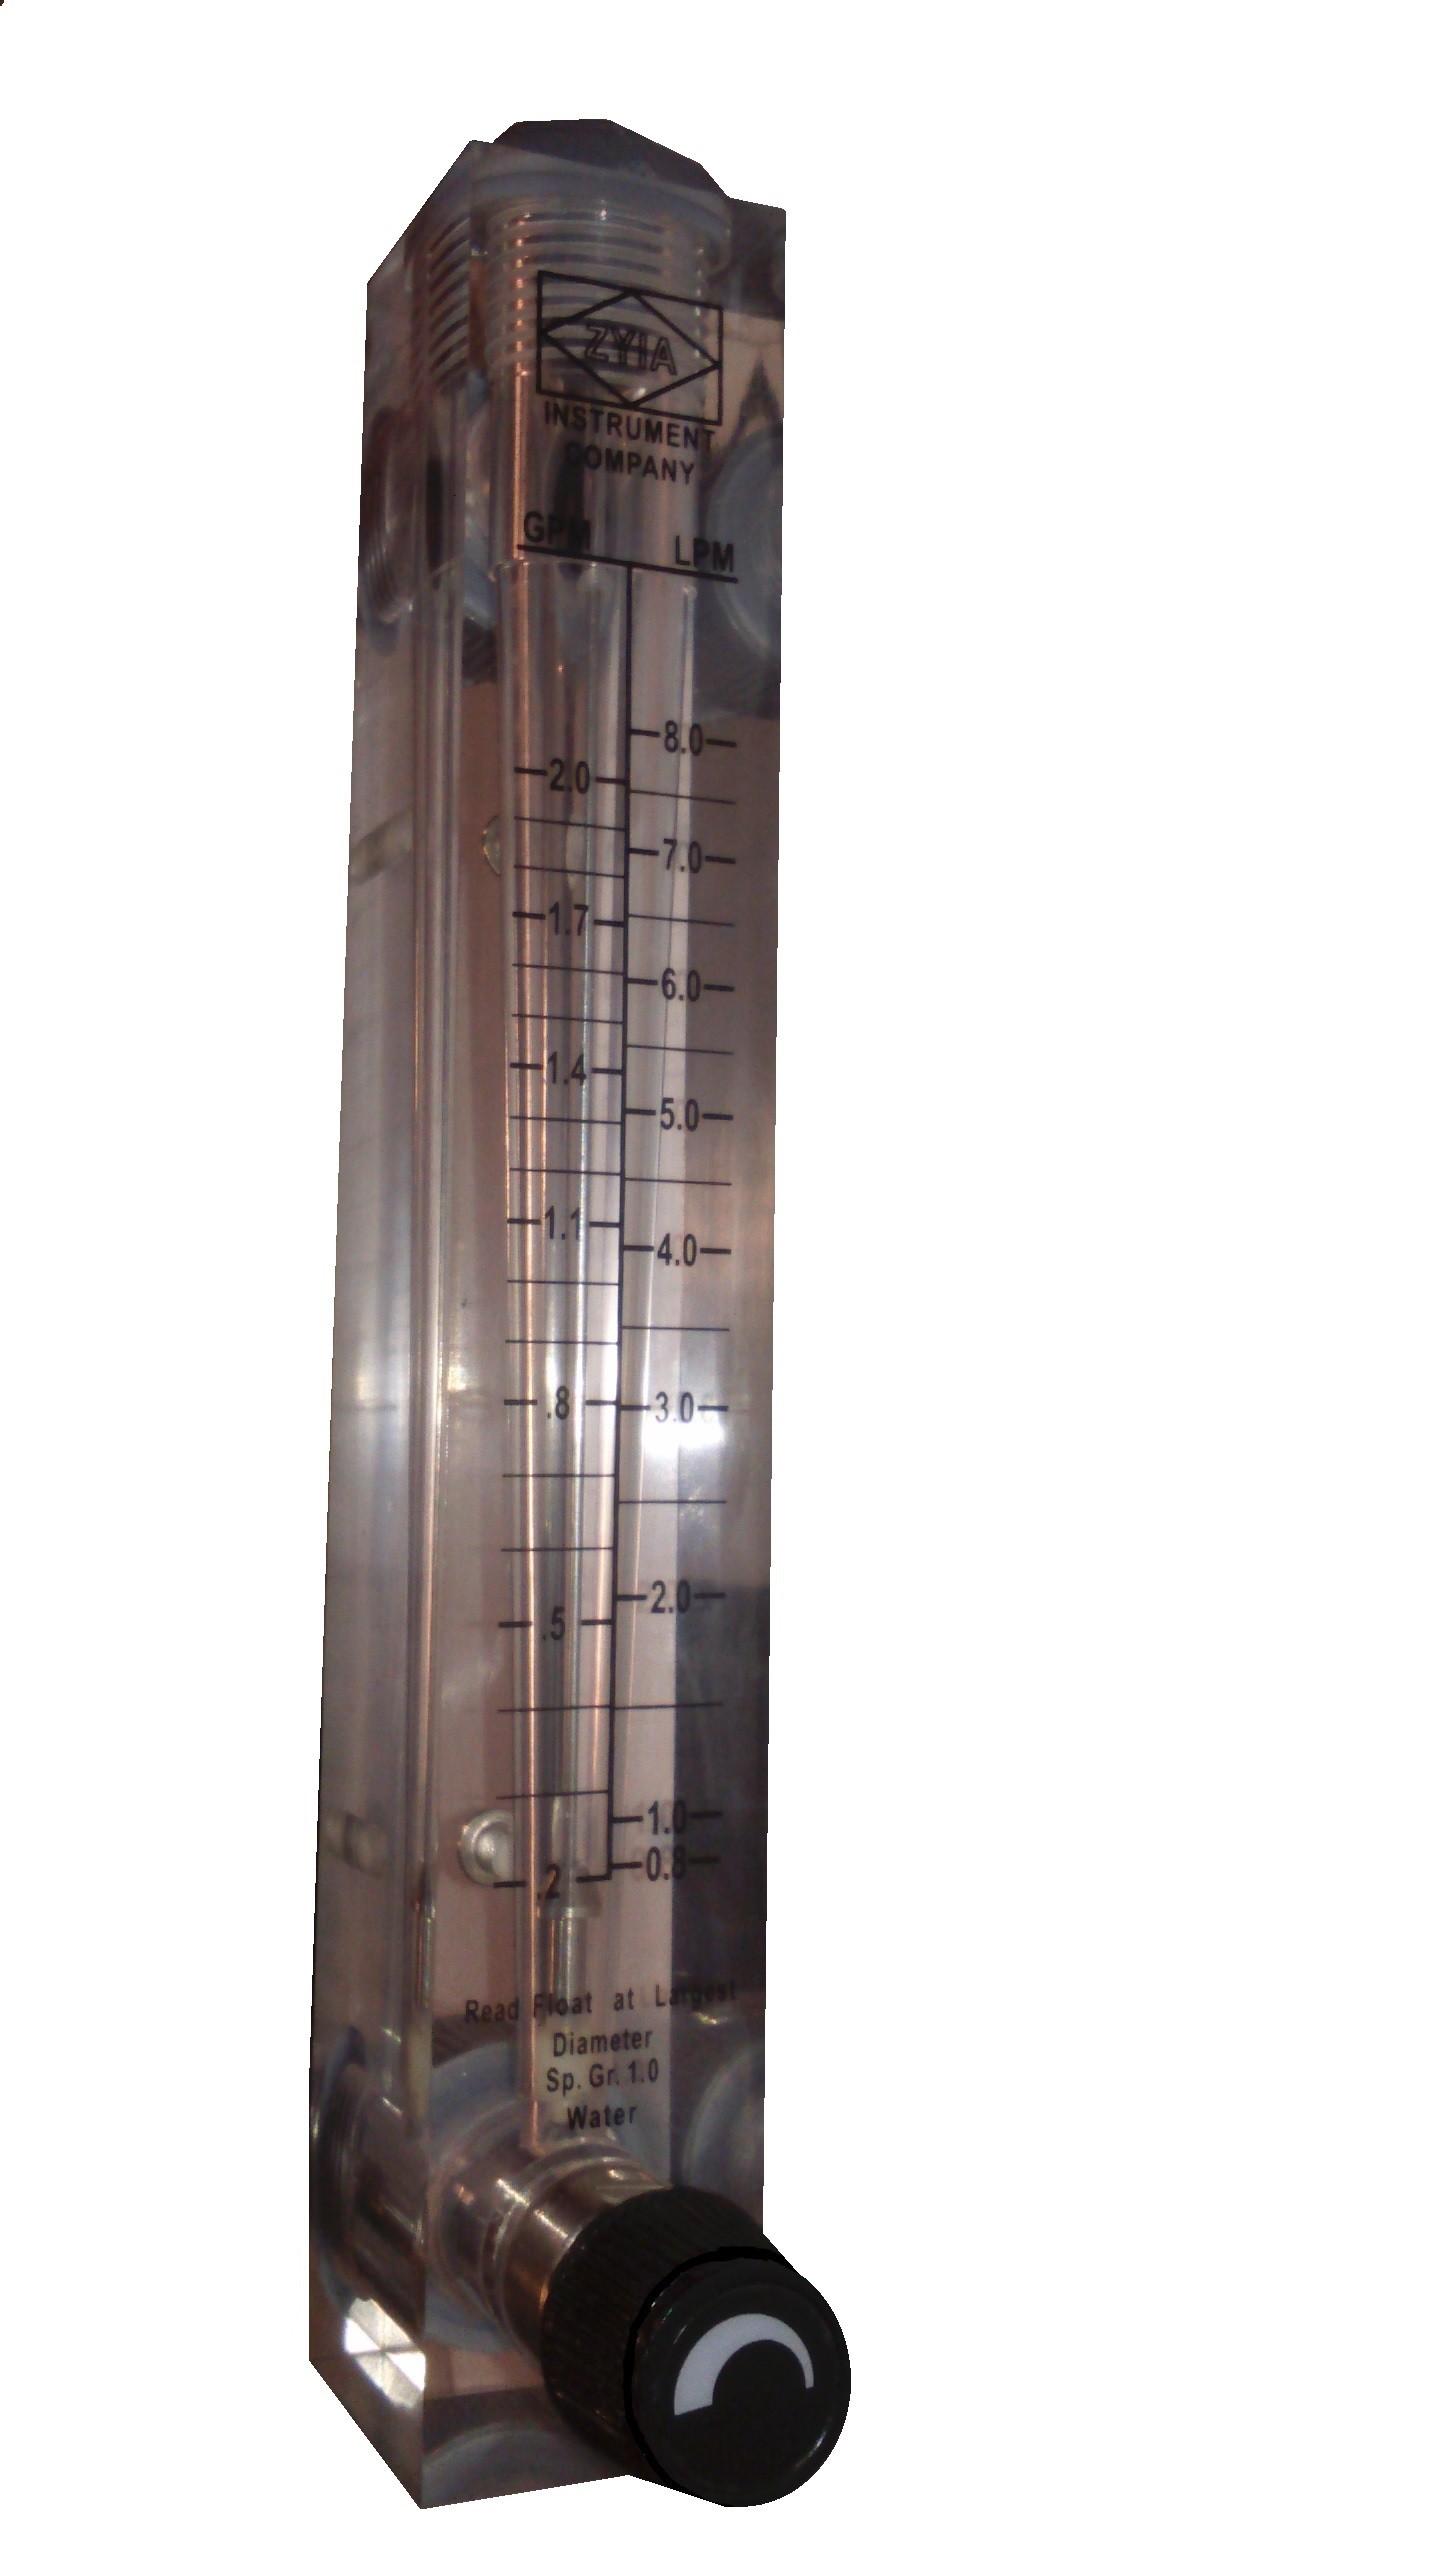 Rotametr z regulacją do wody 0,5 - 5,0 GPM